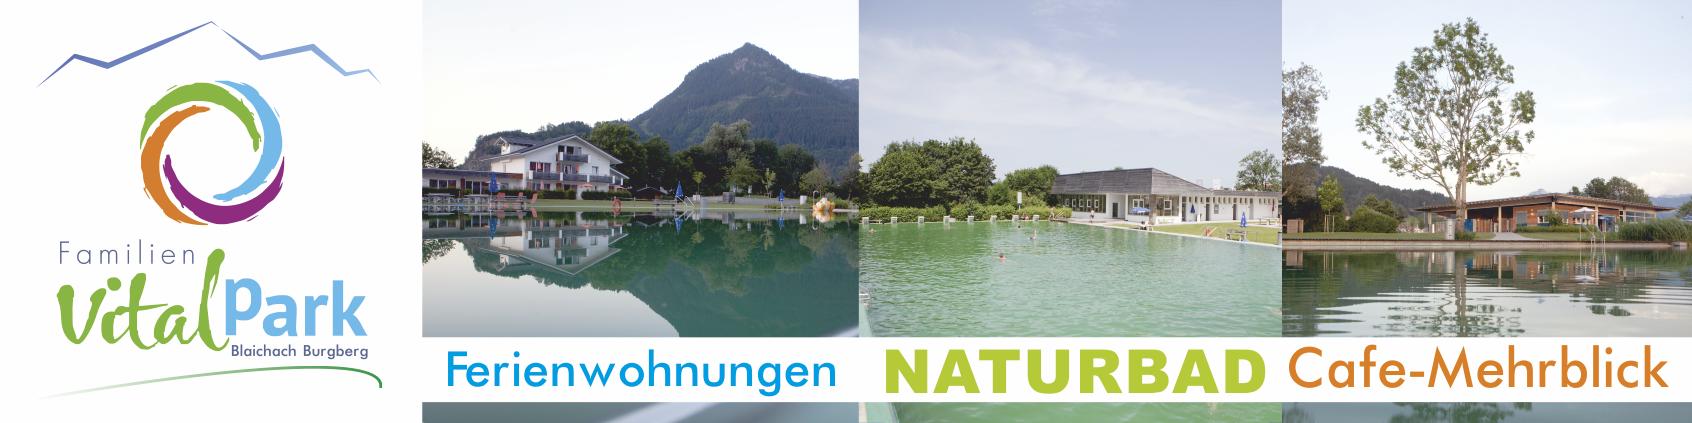 Naturbad-Ferienwohnungen-Cafe-Mehrblick-Allgaeu-Burgberg